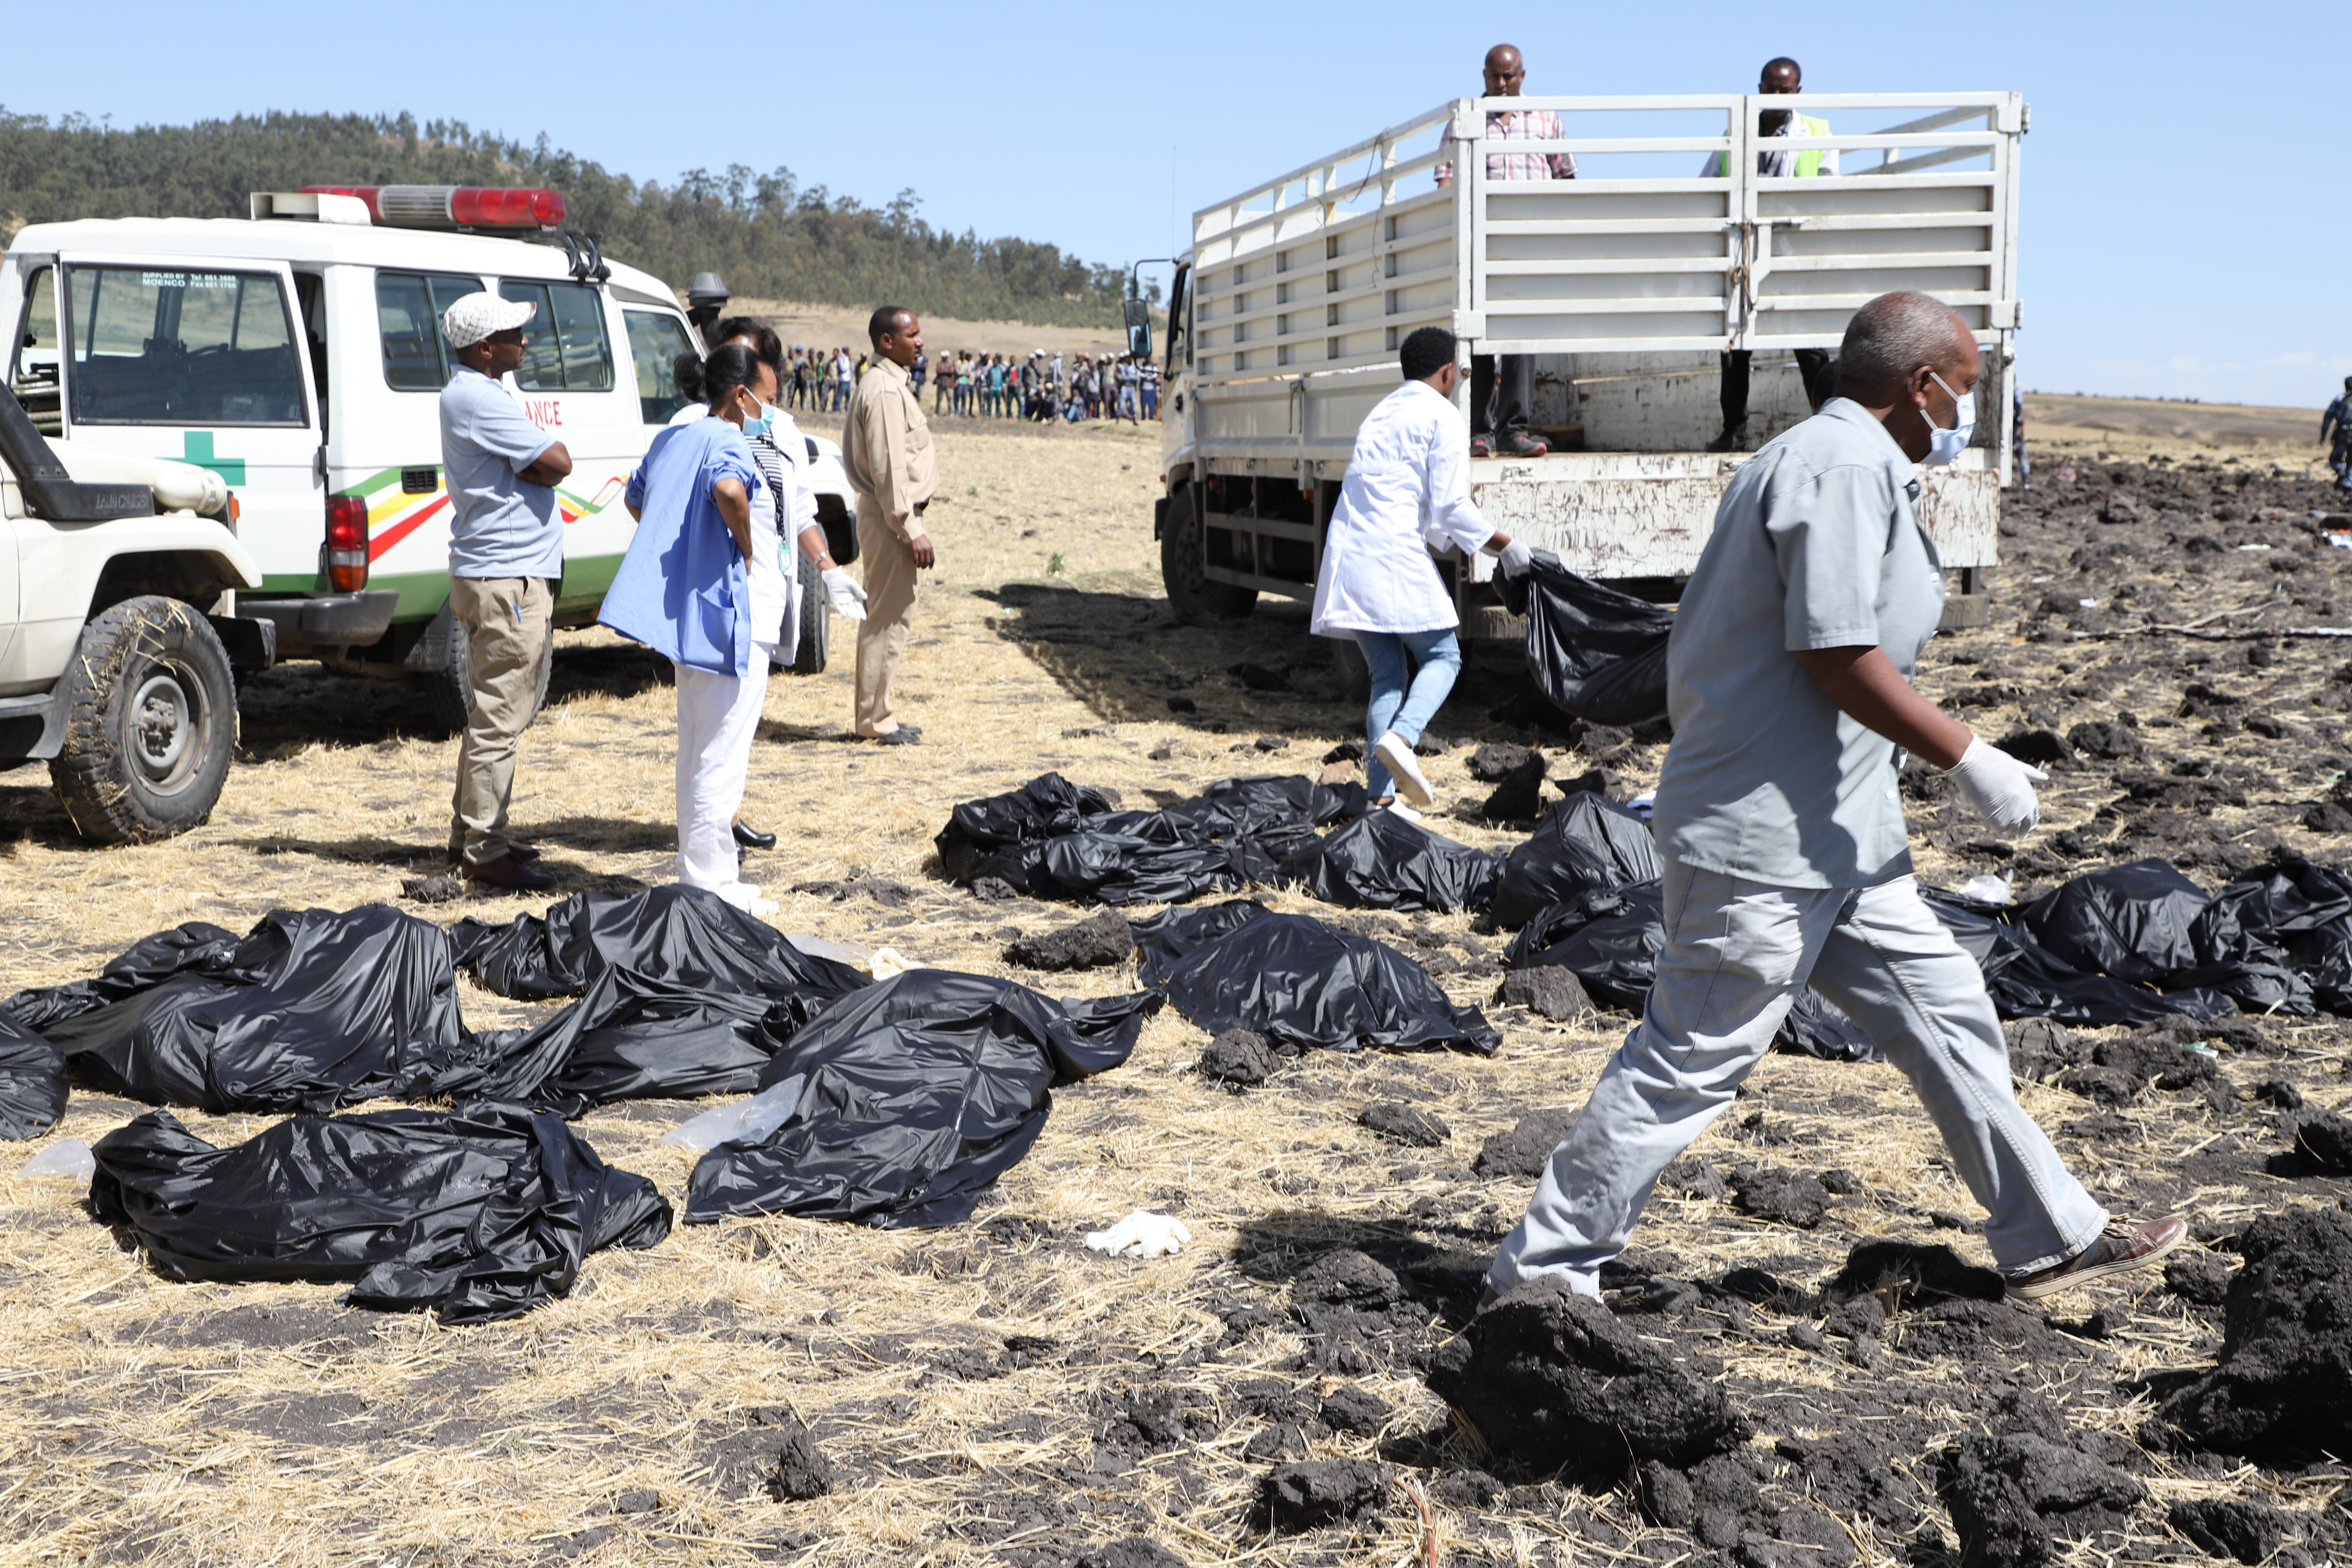 El equipo de rescate recolecta los cuerpos sin vida en bolsas negras.